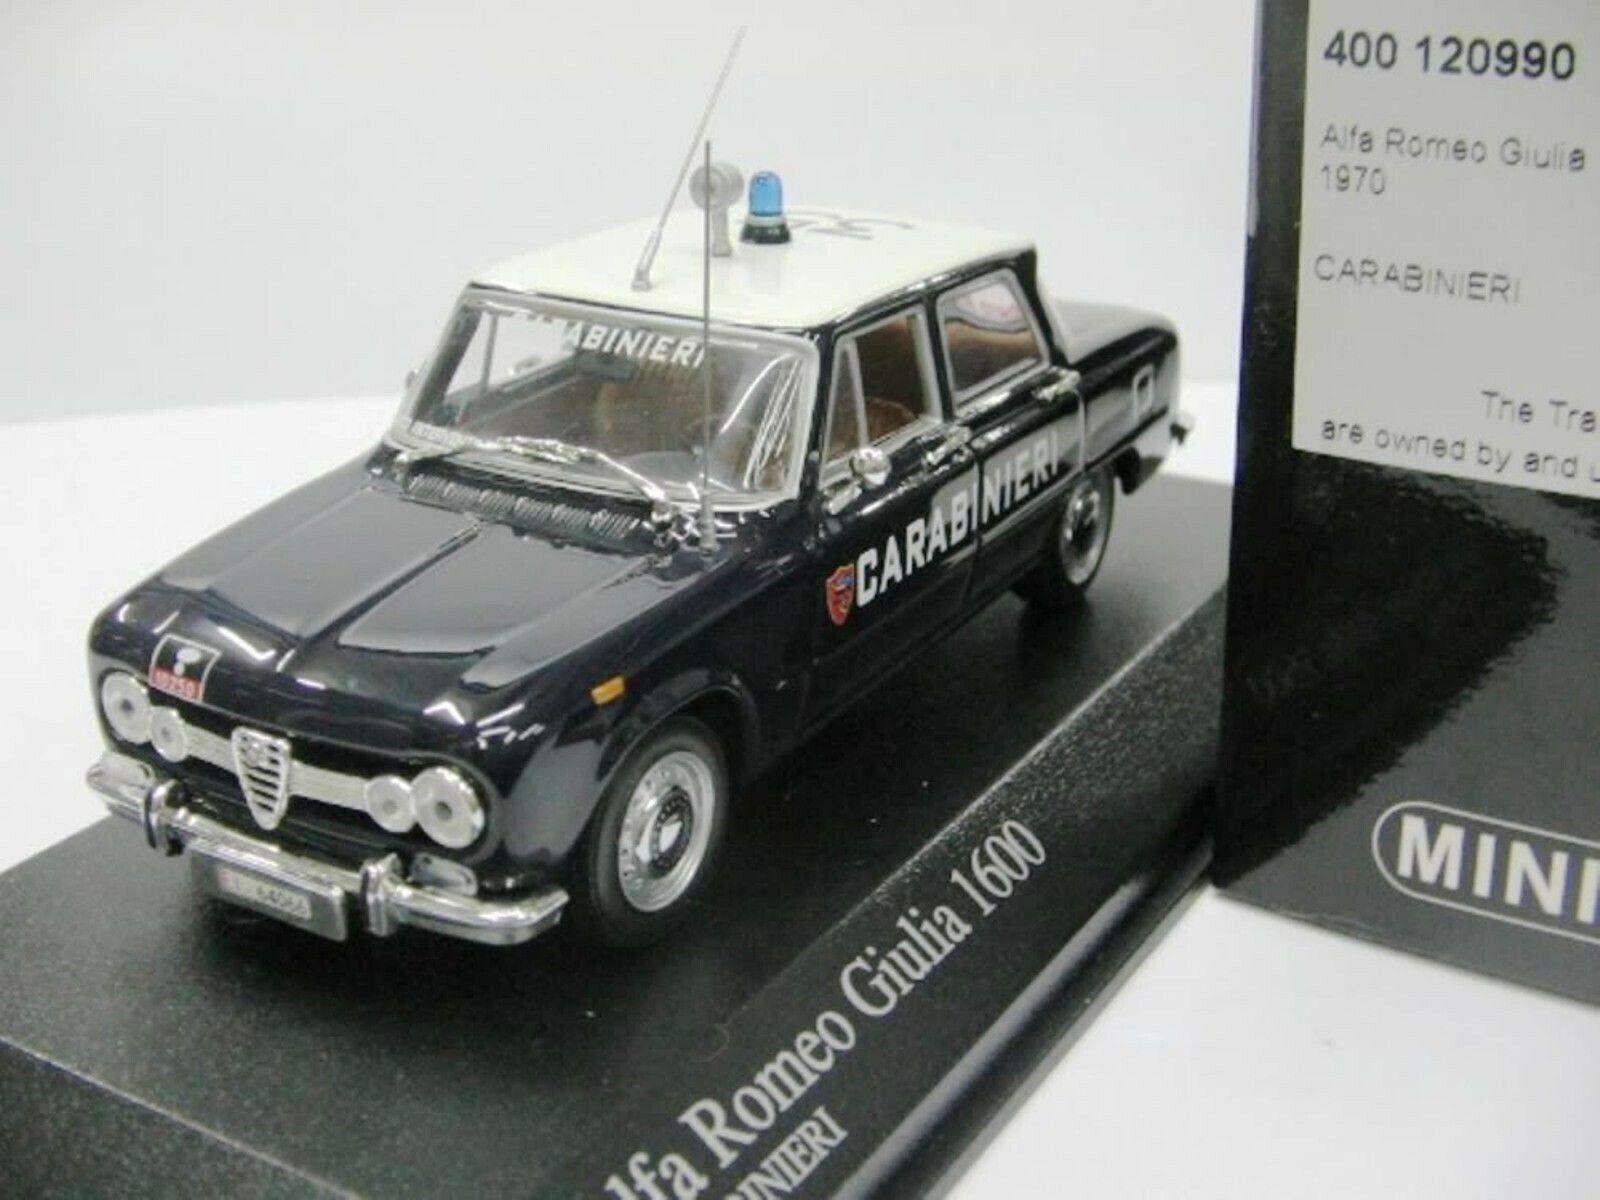 WOW estremamente raro Alfa Romeo 115 GIULIA NUOVA 1600S Police 1970 1 43 Minichamps